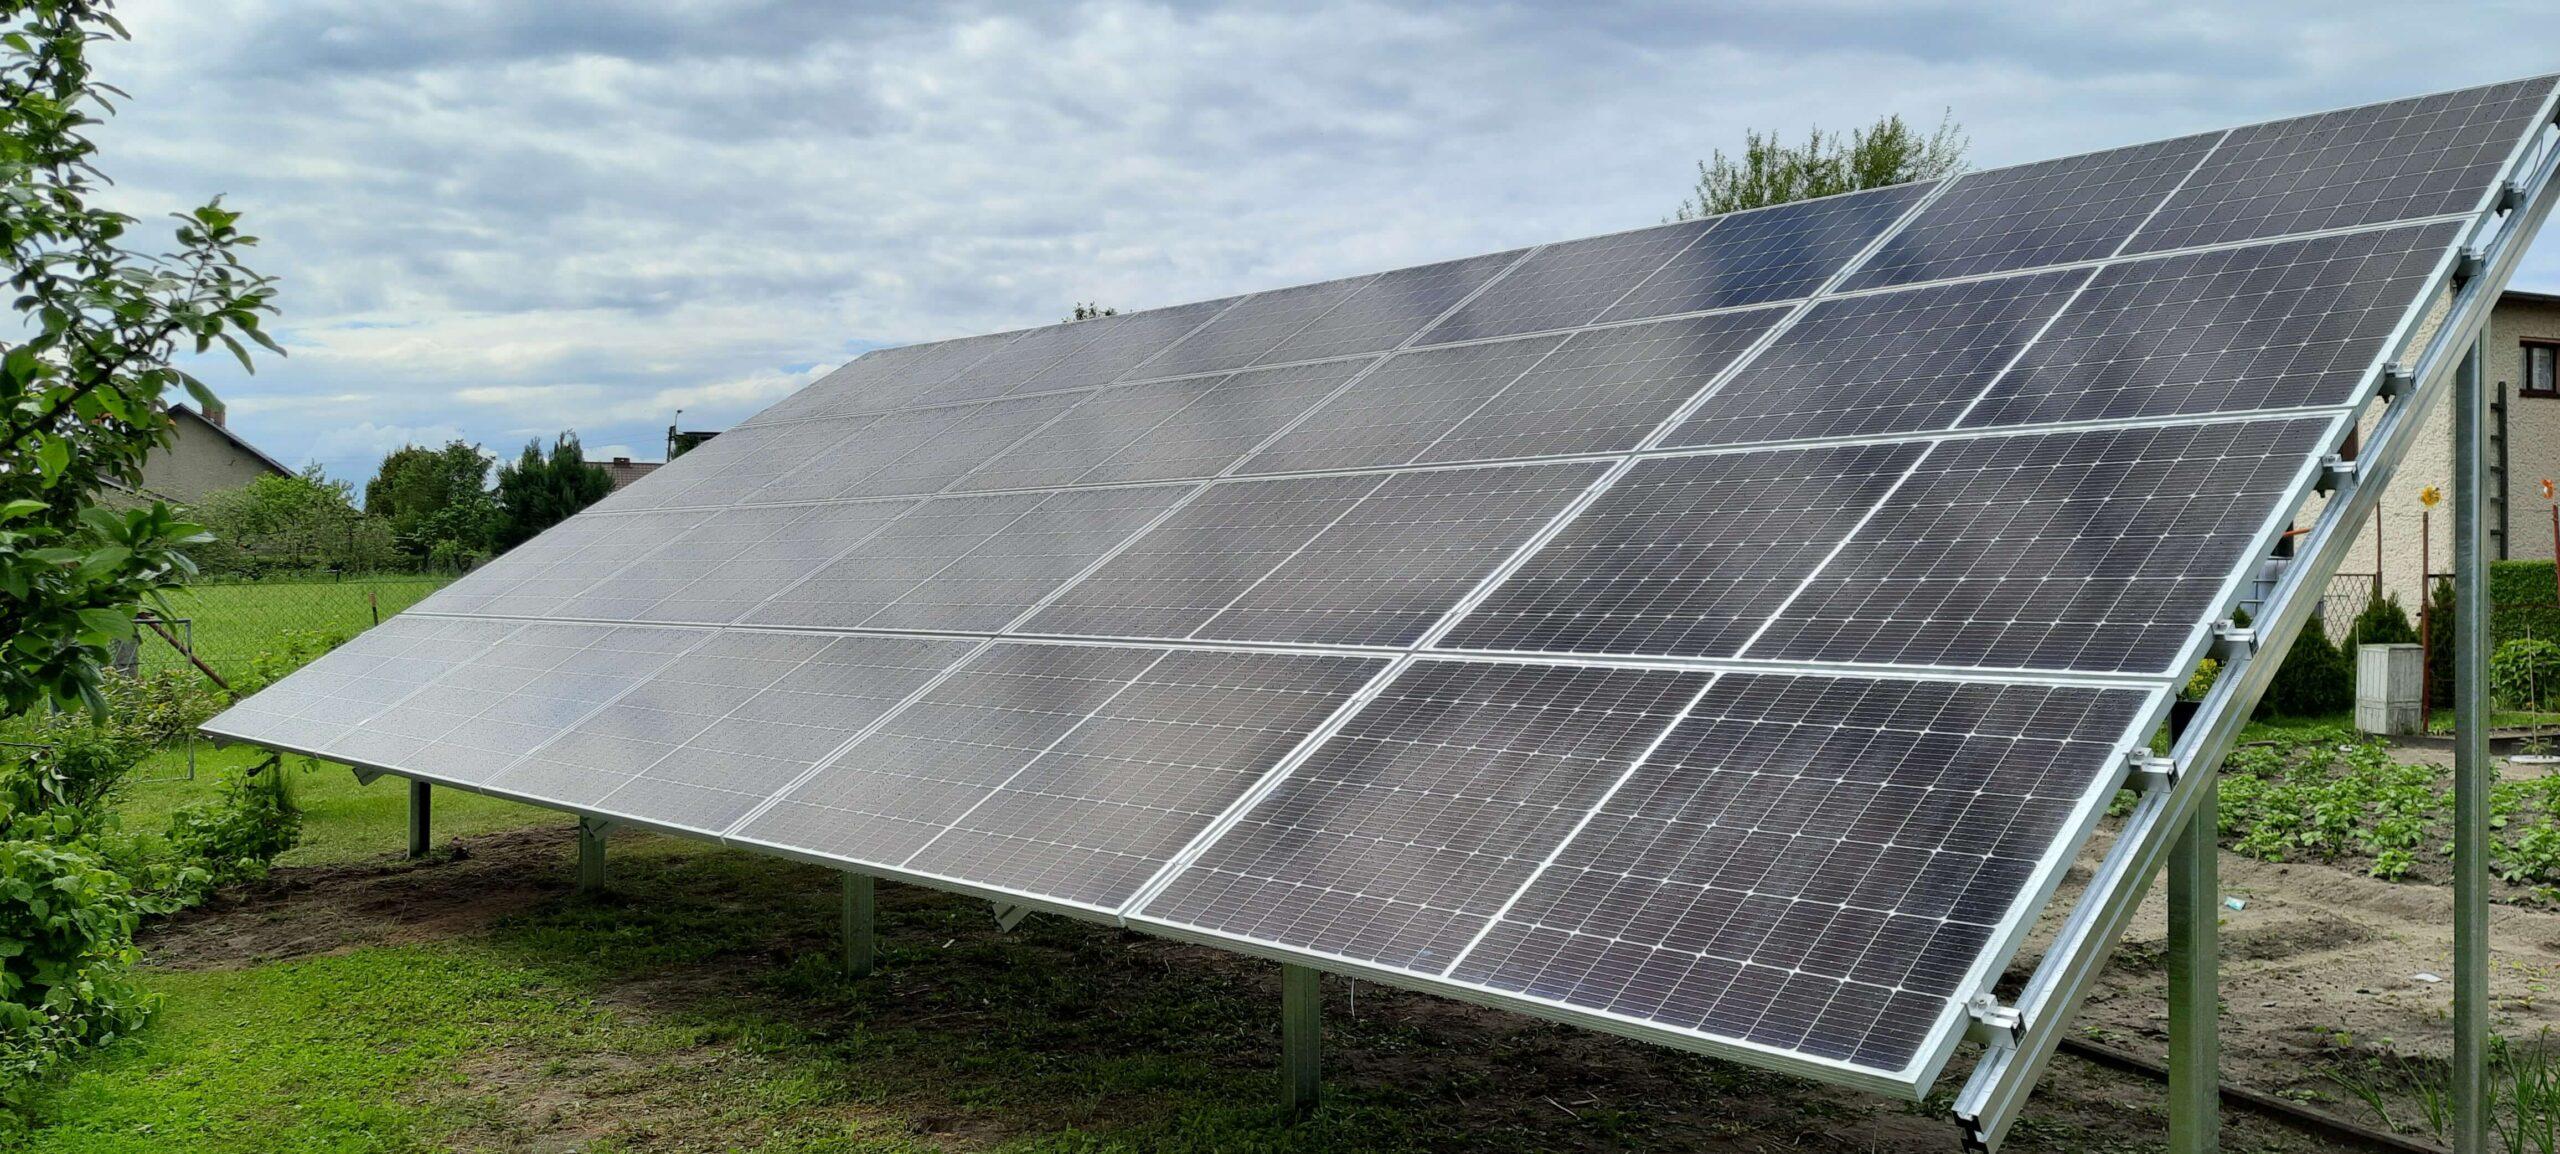 Instalacja fotowoltaiczna 7,4 kWp